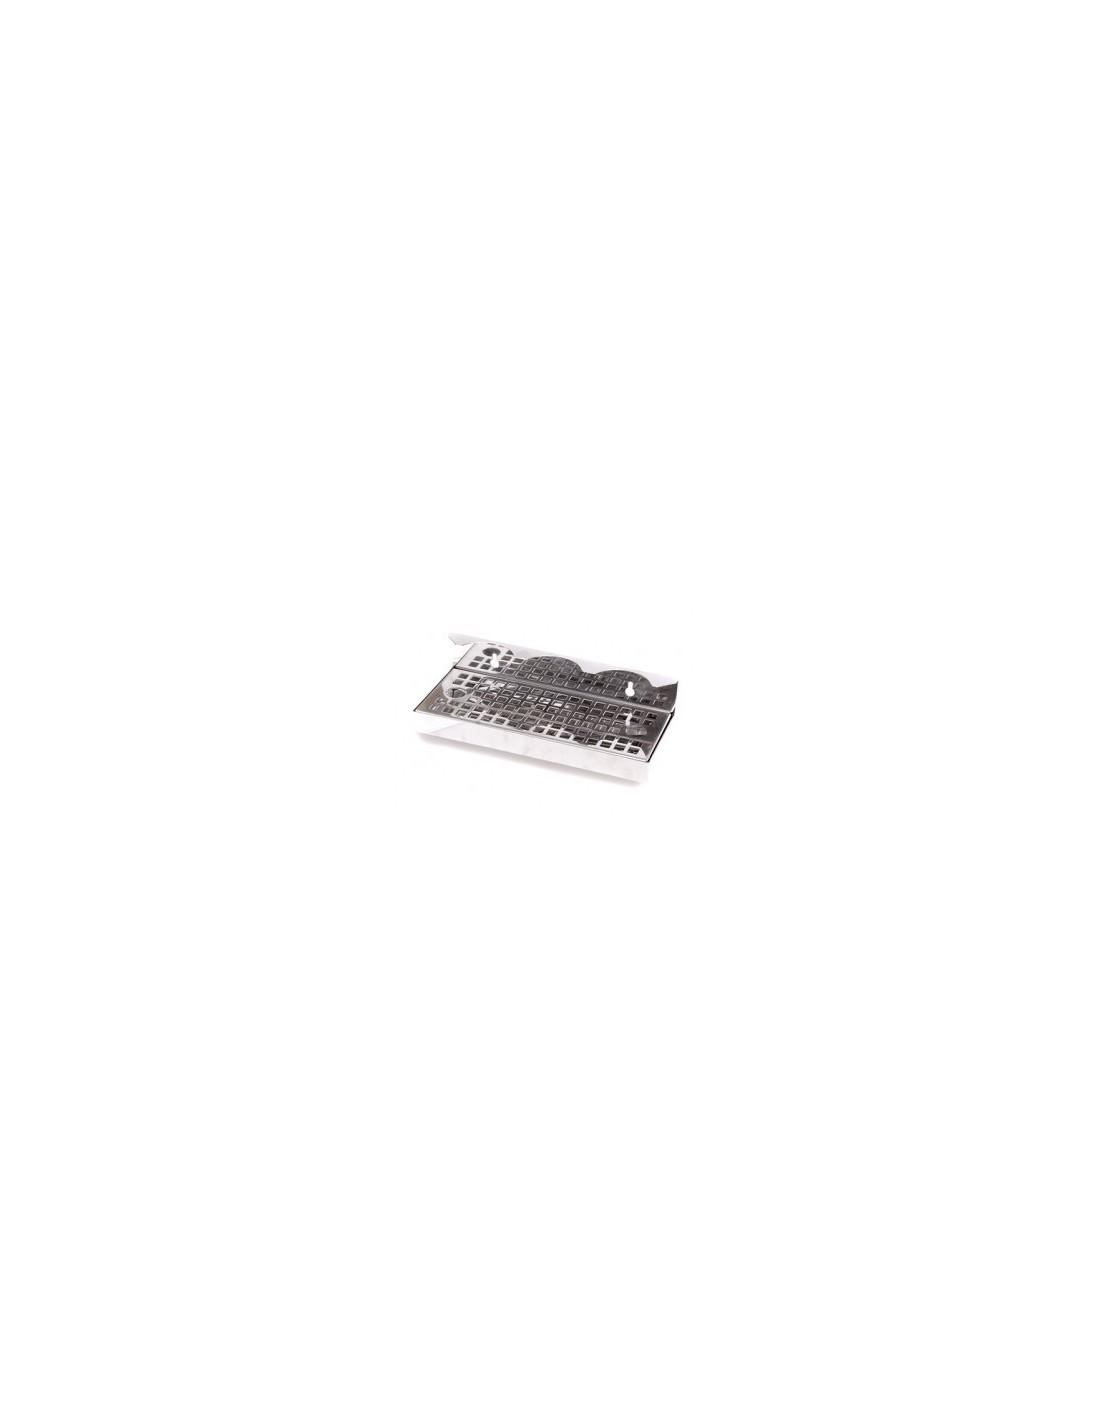 POL00592 - Spillbrickor - Spillbricka för väggmontage 246x93x68 mm